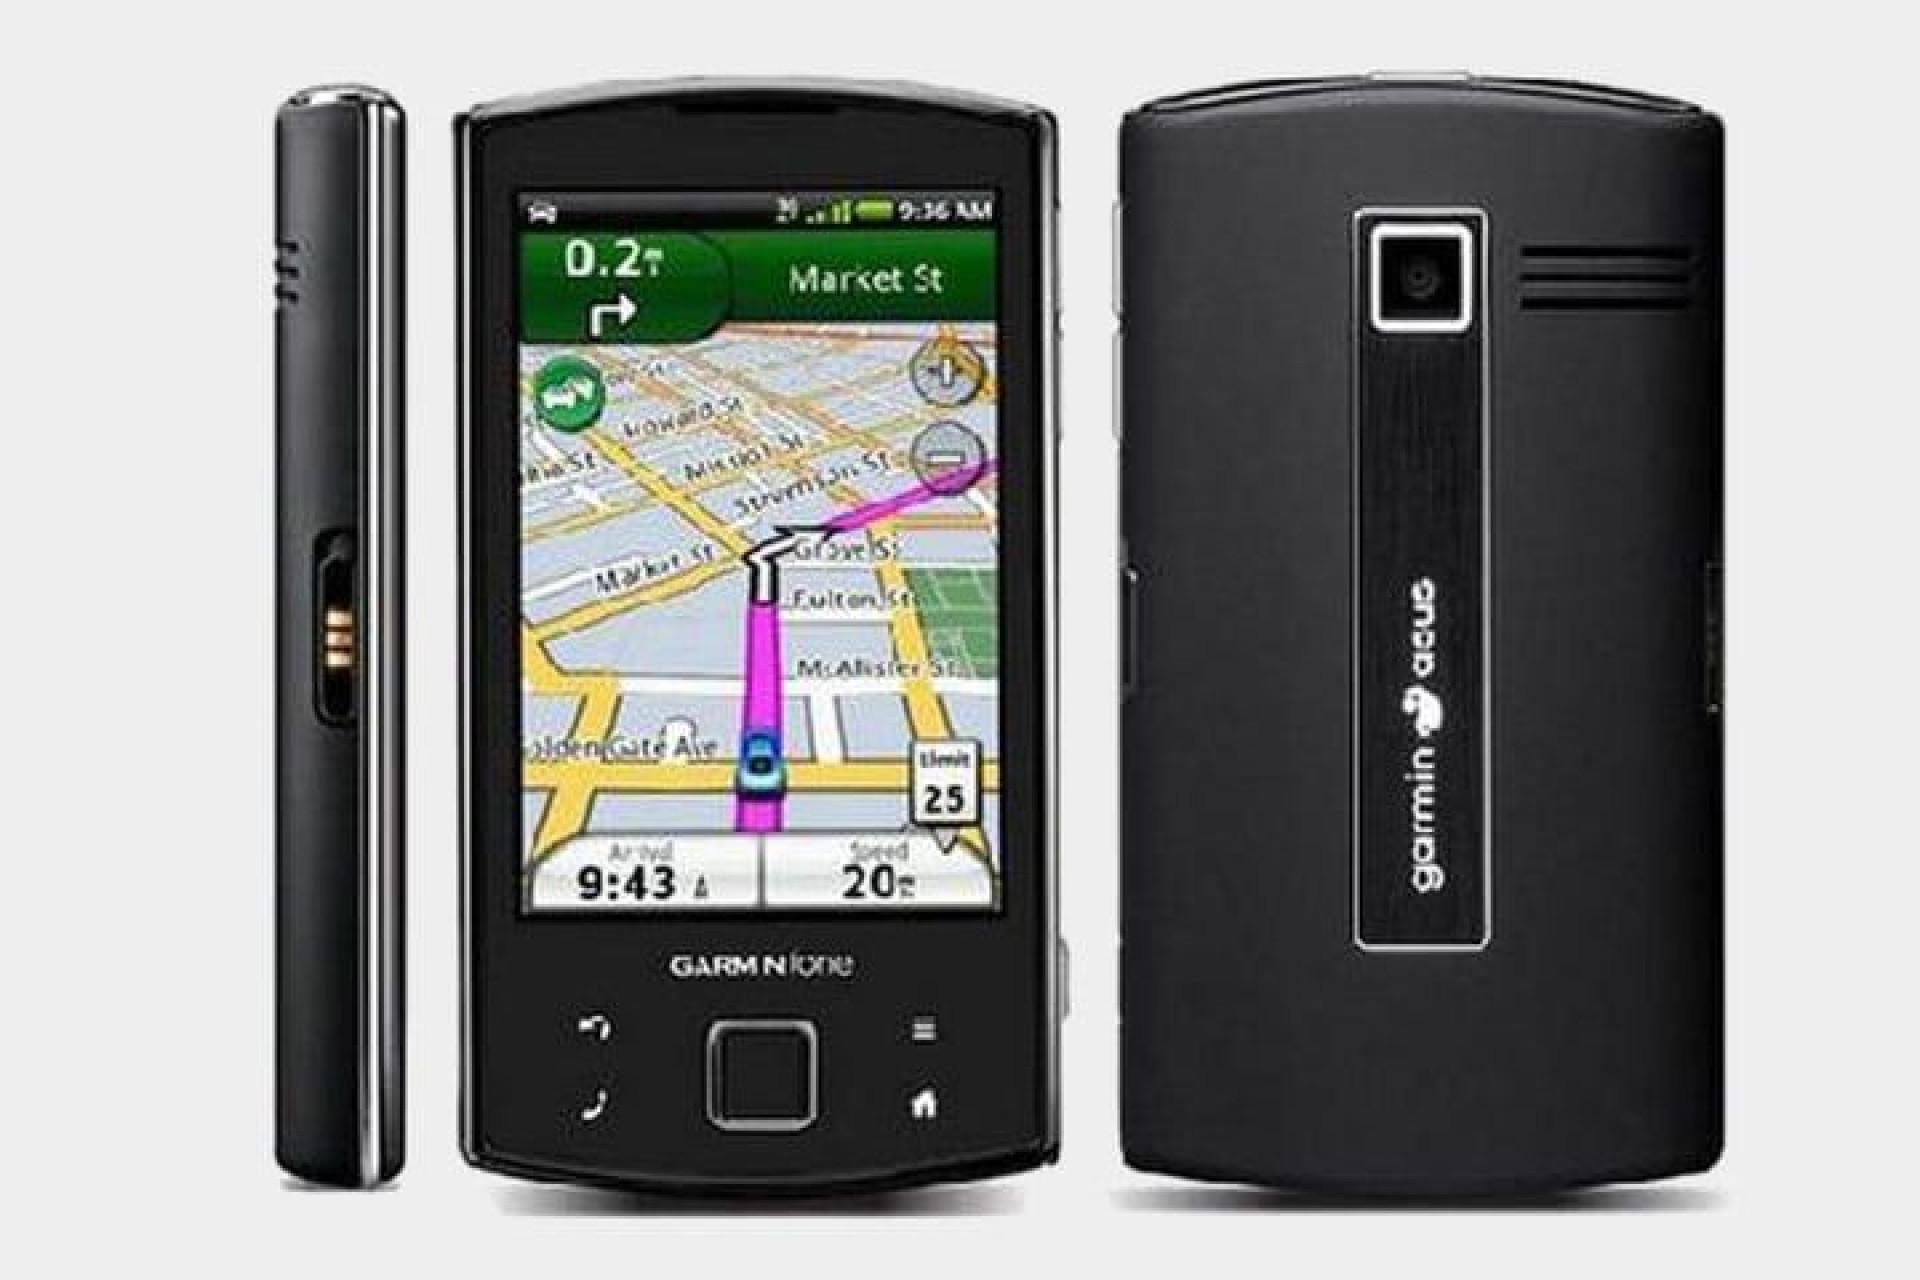 Foram eleitos os 10 piores telemóveis de sempre. Teve algum deles?